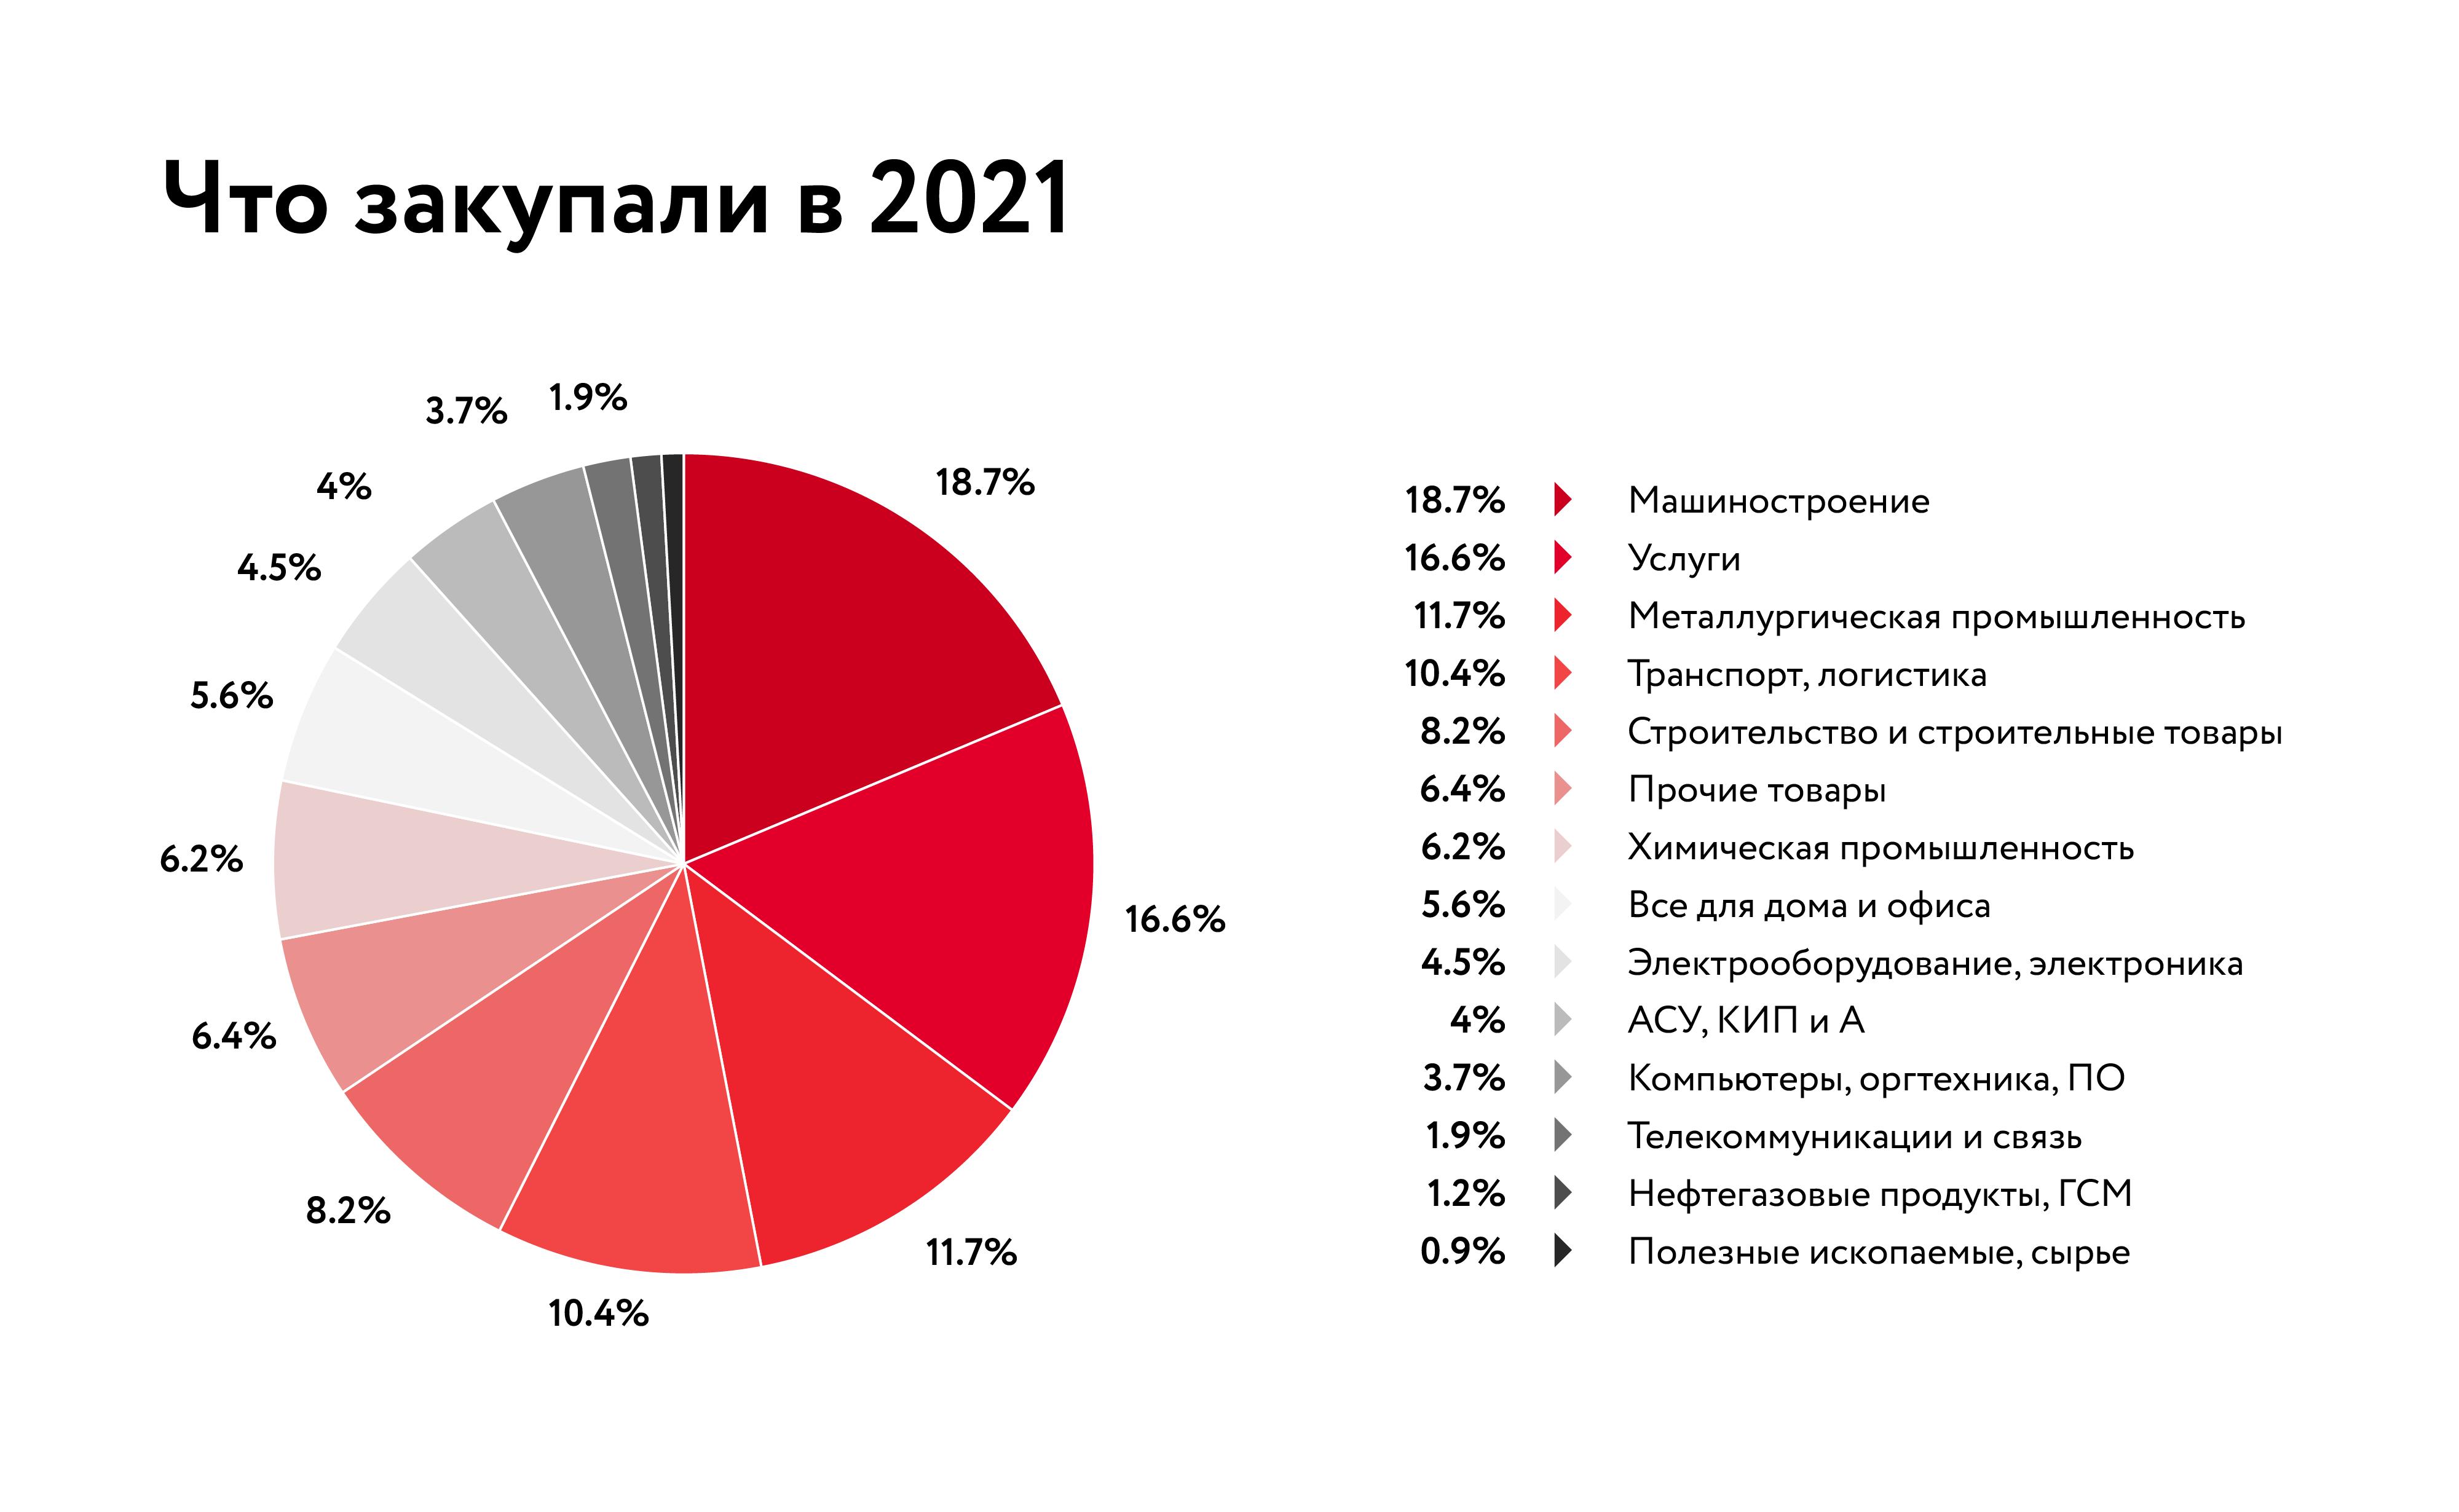 Объем торгов на B2B-Center вырос на 38% и составил 1,7 трлн рублей